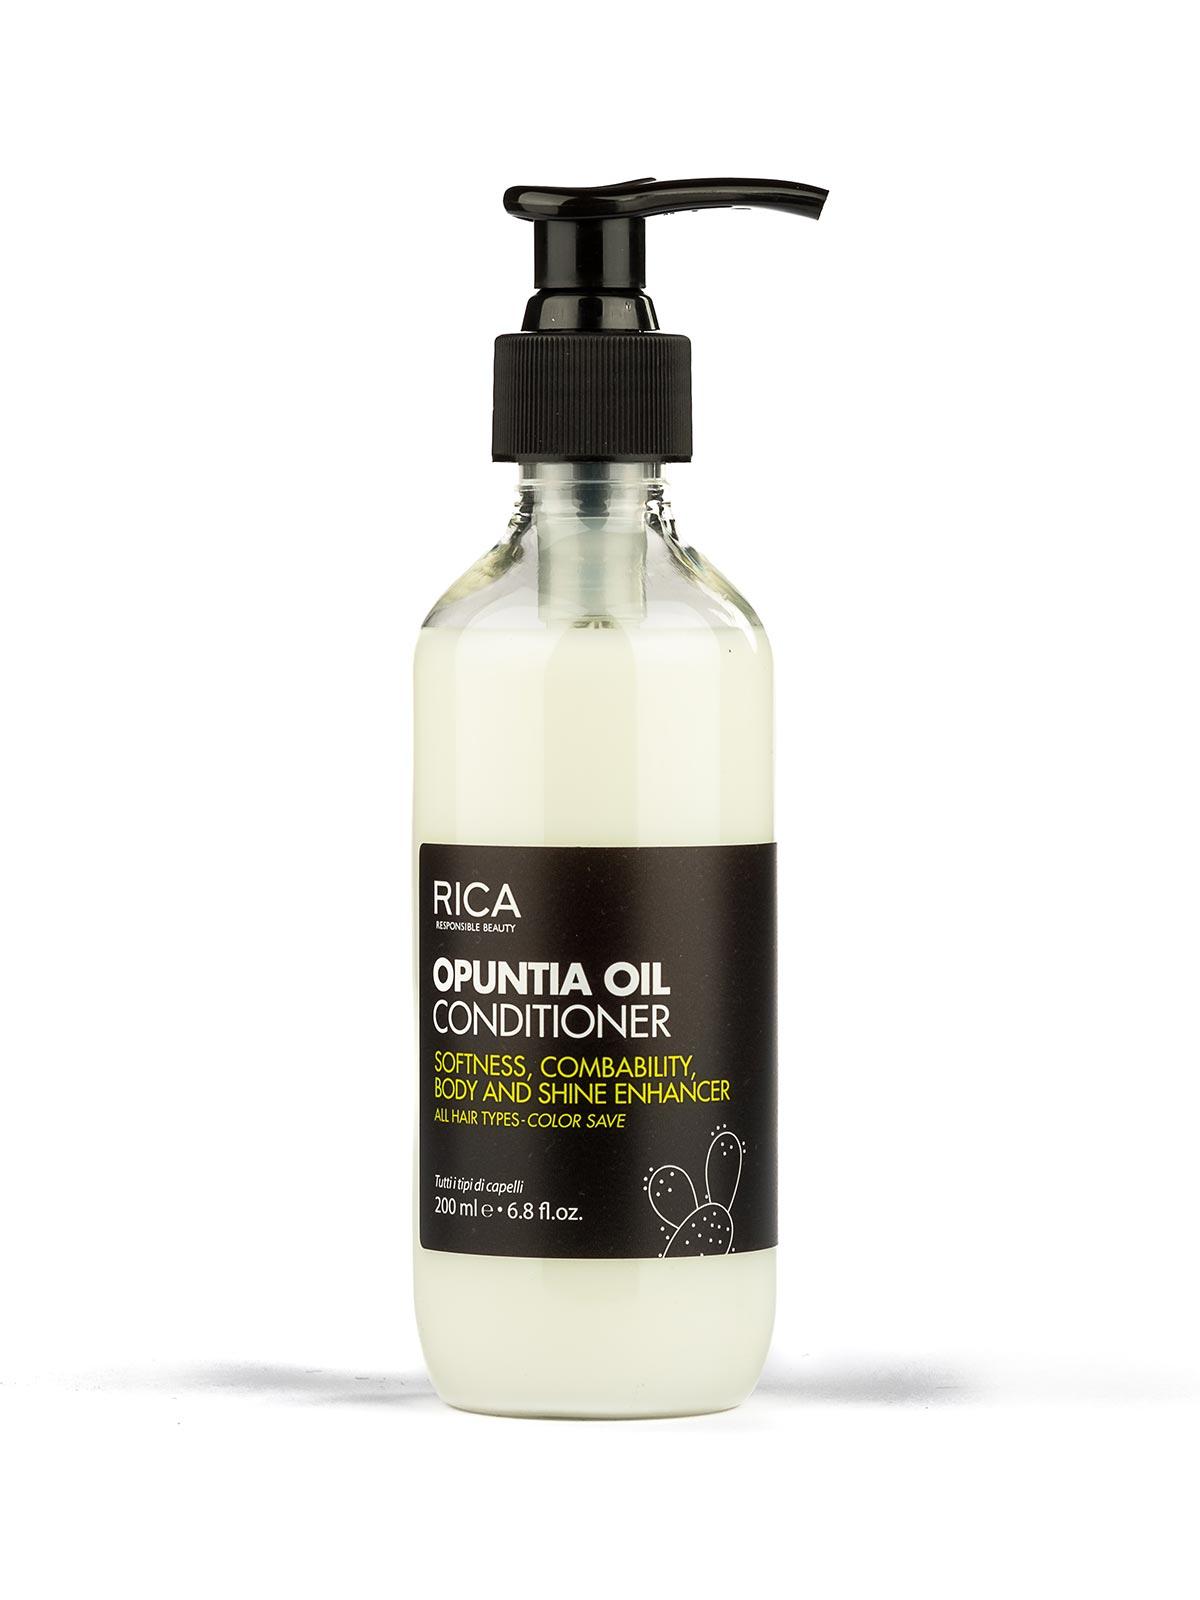 Rica Opuntia Oil Conditioner